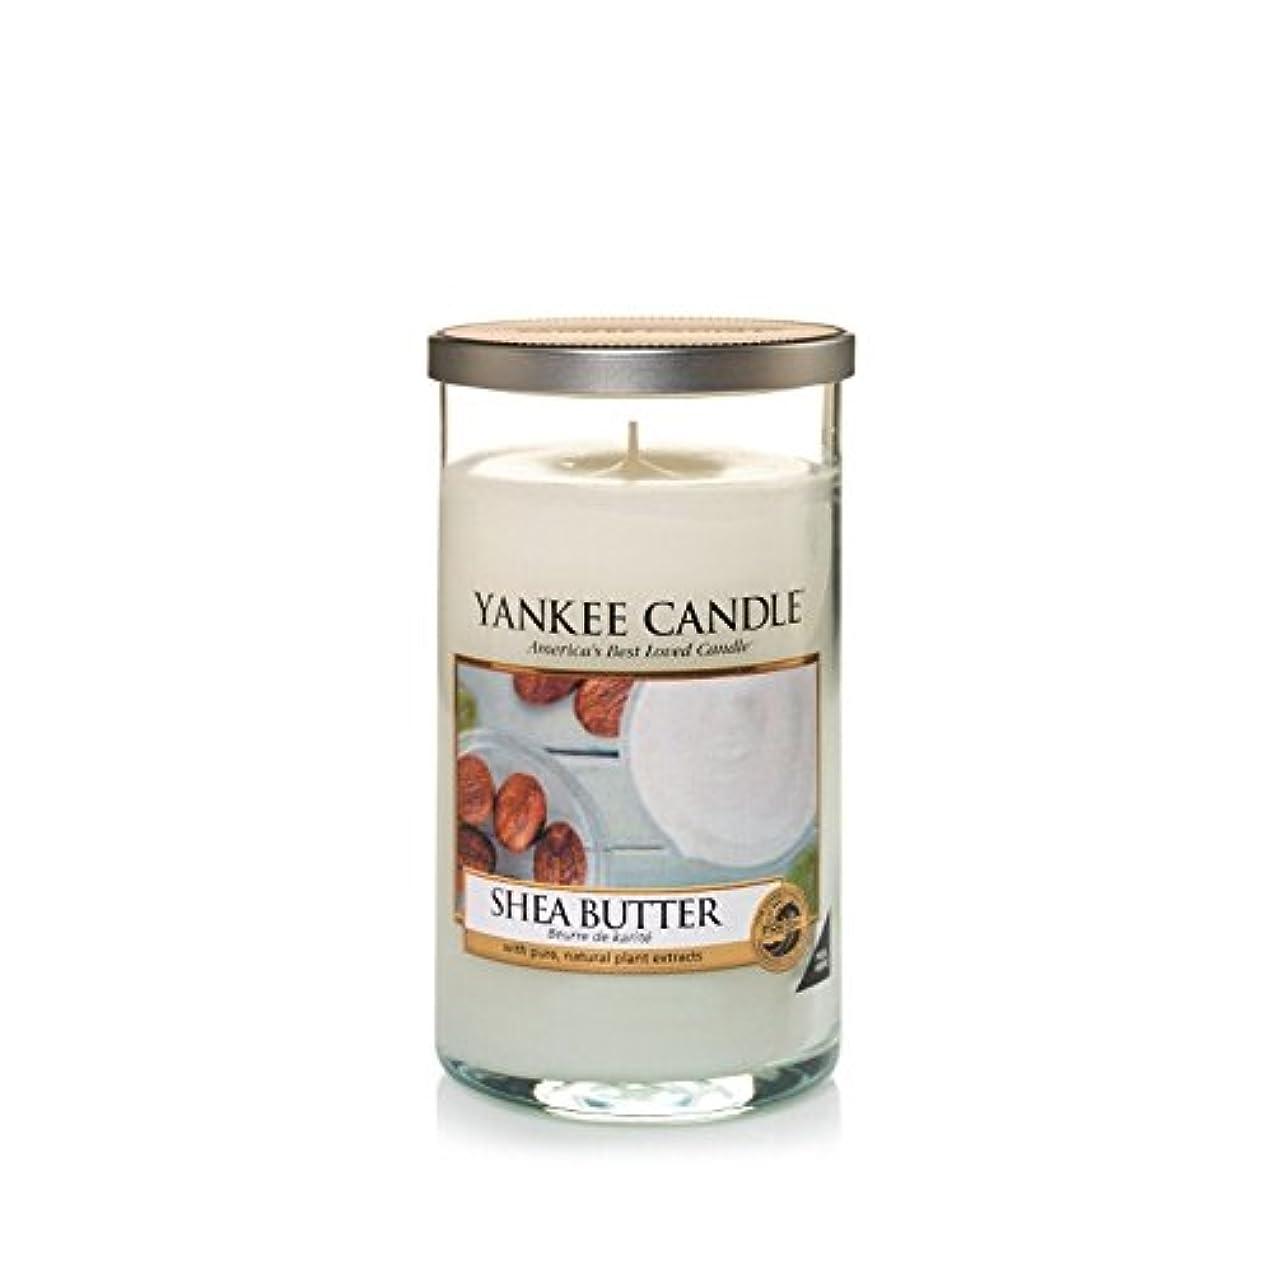 驚くばかりチョップ教育するYankee Candles Medium Pillar Candle - Shea Butter (Pack of 6) - ヤンキーキャンドルメディアピラーキャンドル - シアバター (x6) [並行輸入品]